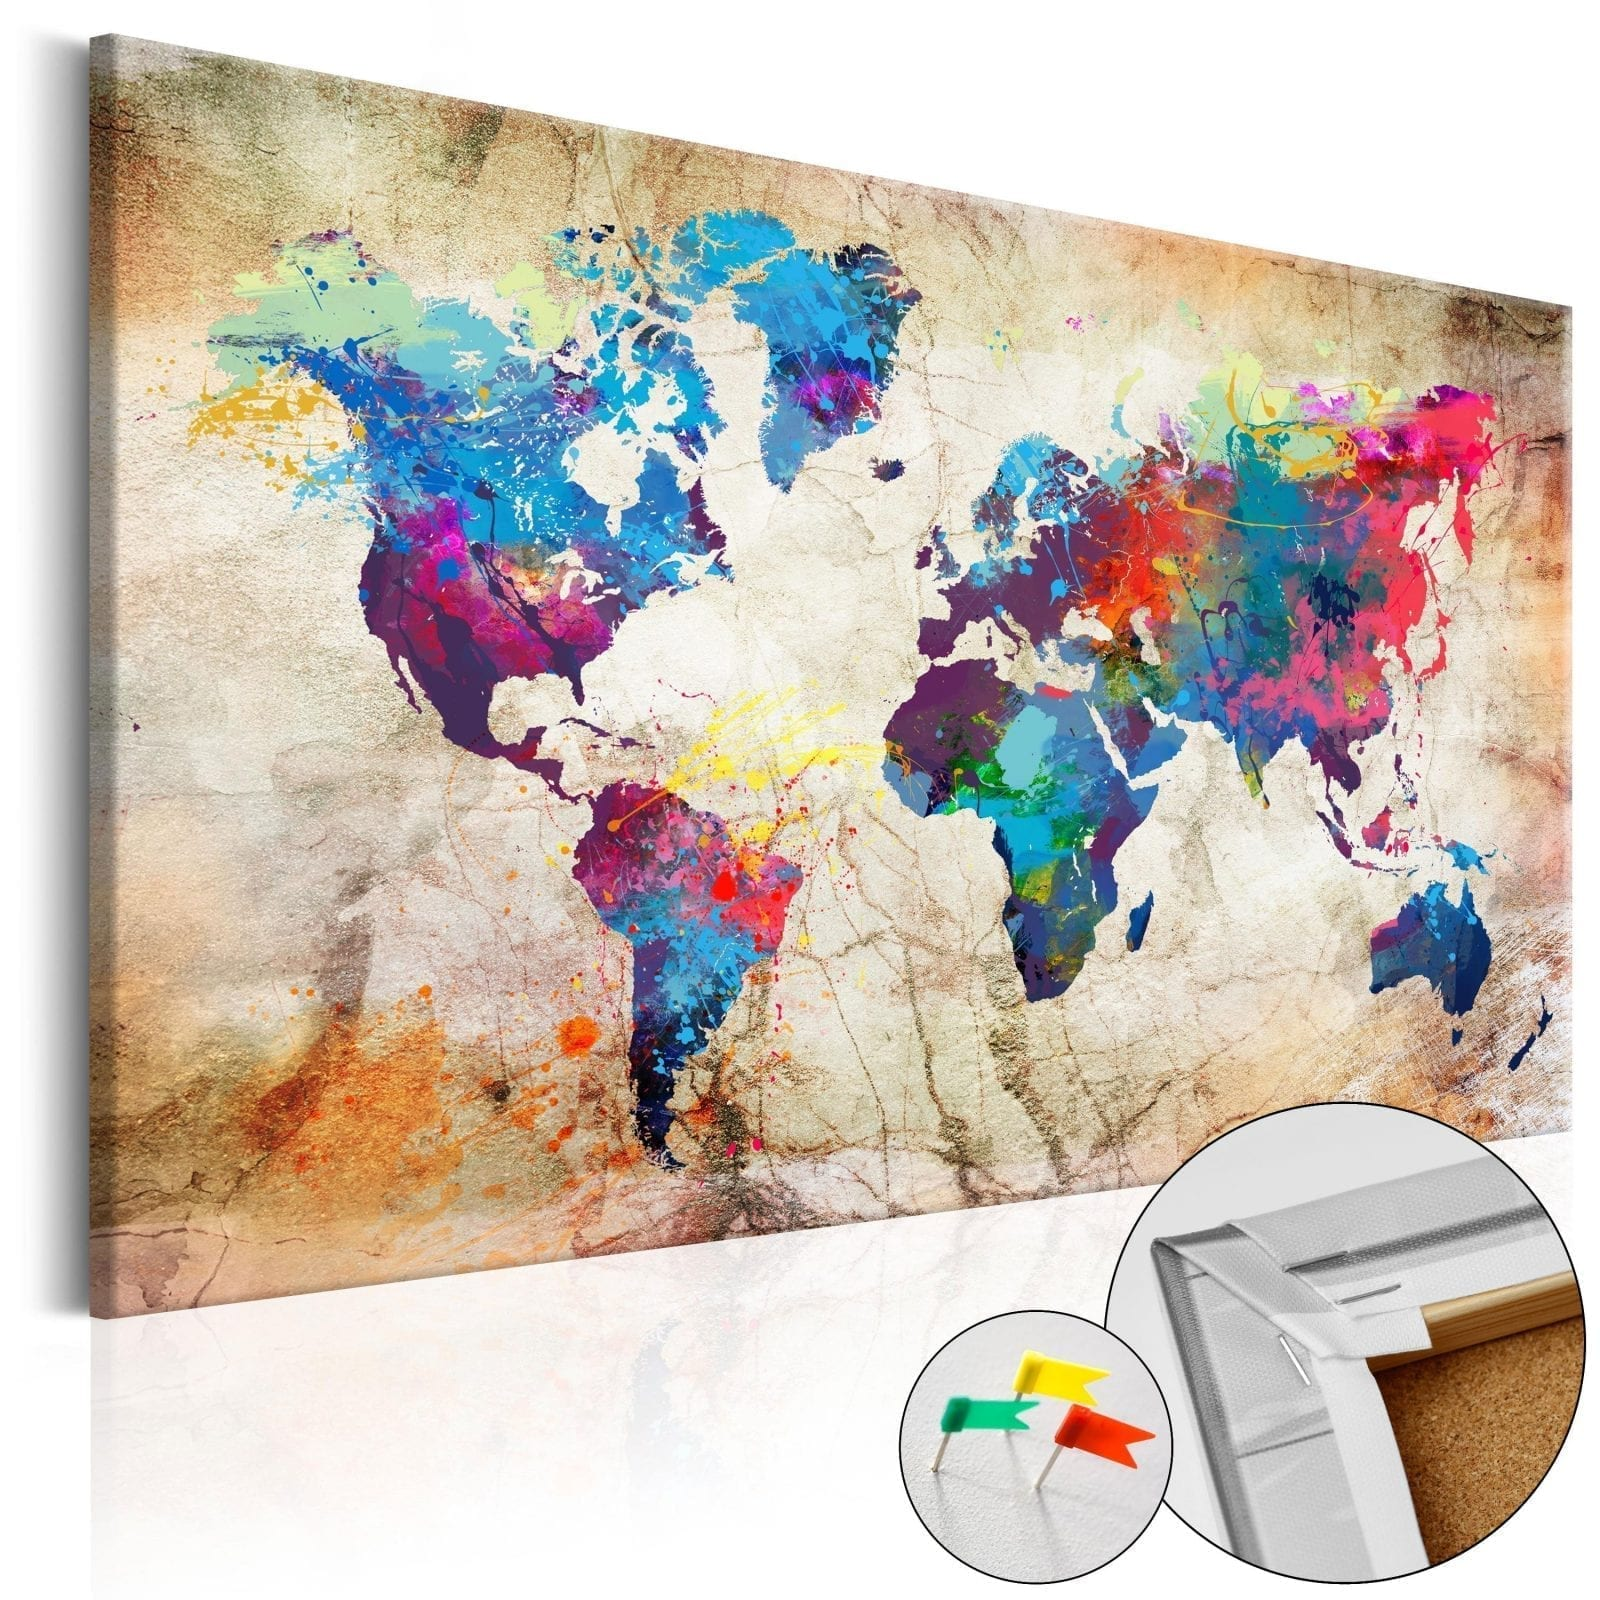 Tablero de corcho - World Map: Urban Style 1 | Potspintura.com